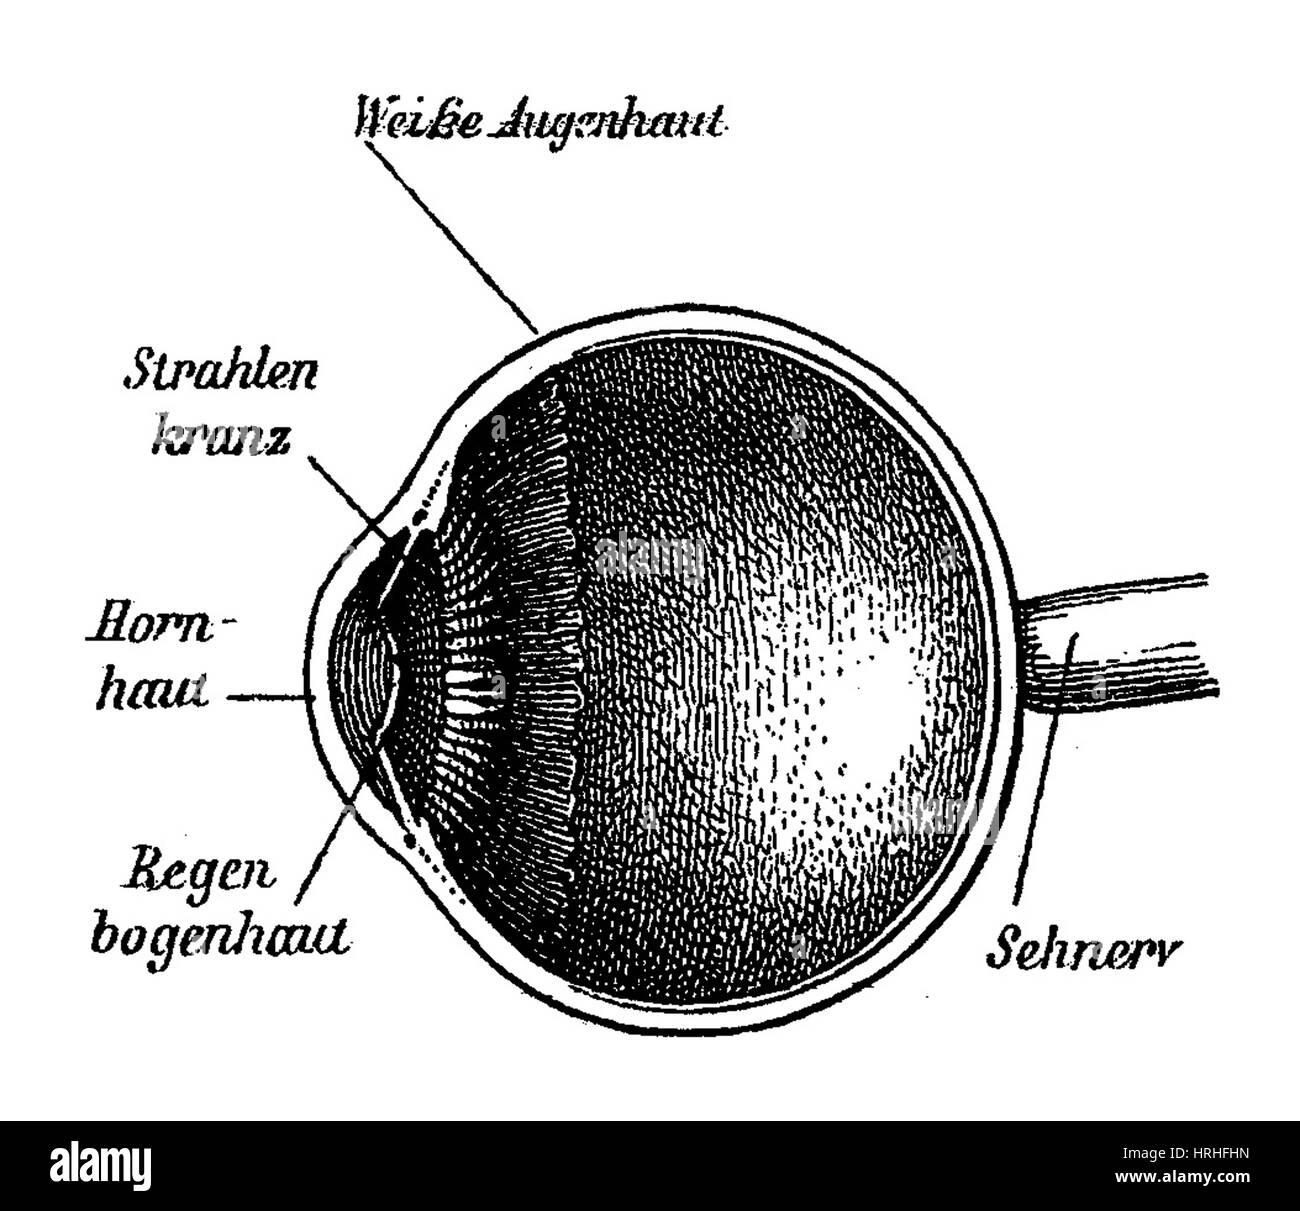 Großzügig Auge äußere Anatomie Galerie - Anatomie Von Menschlichen ...